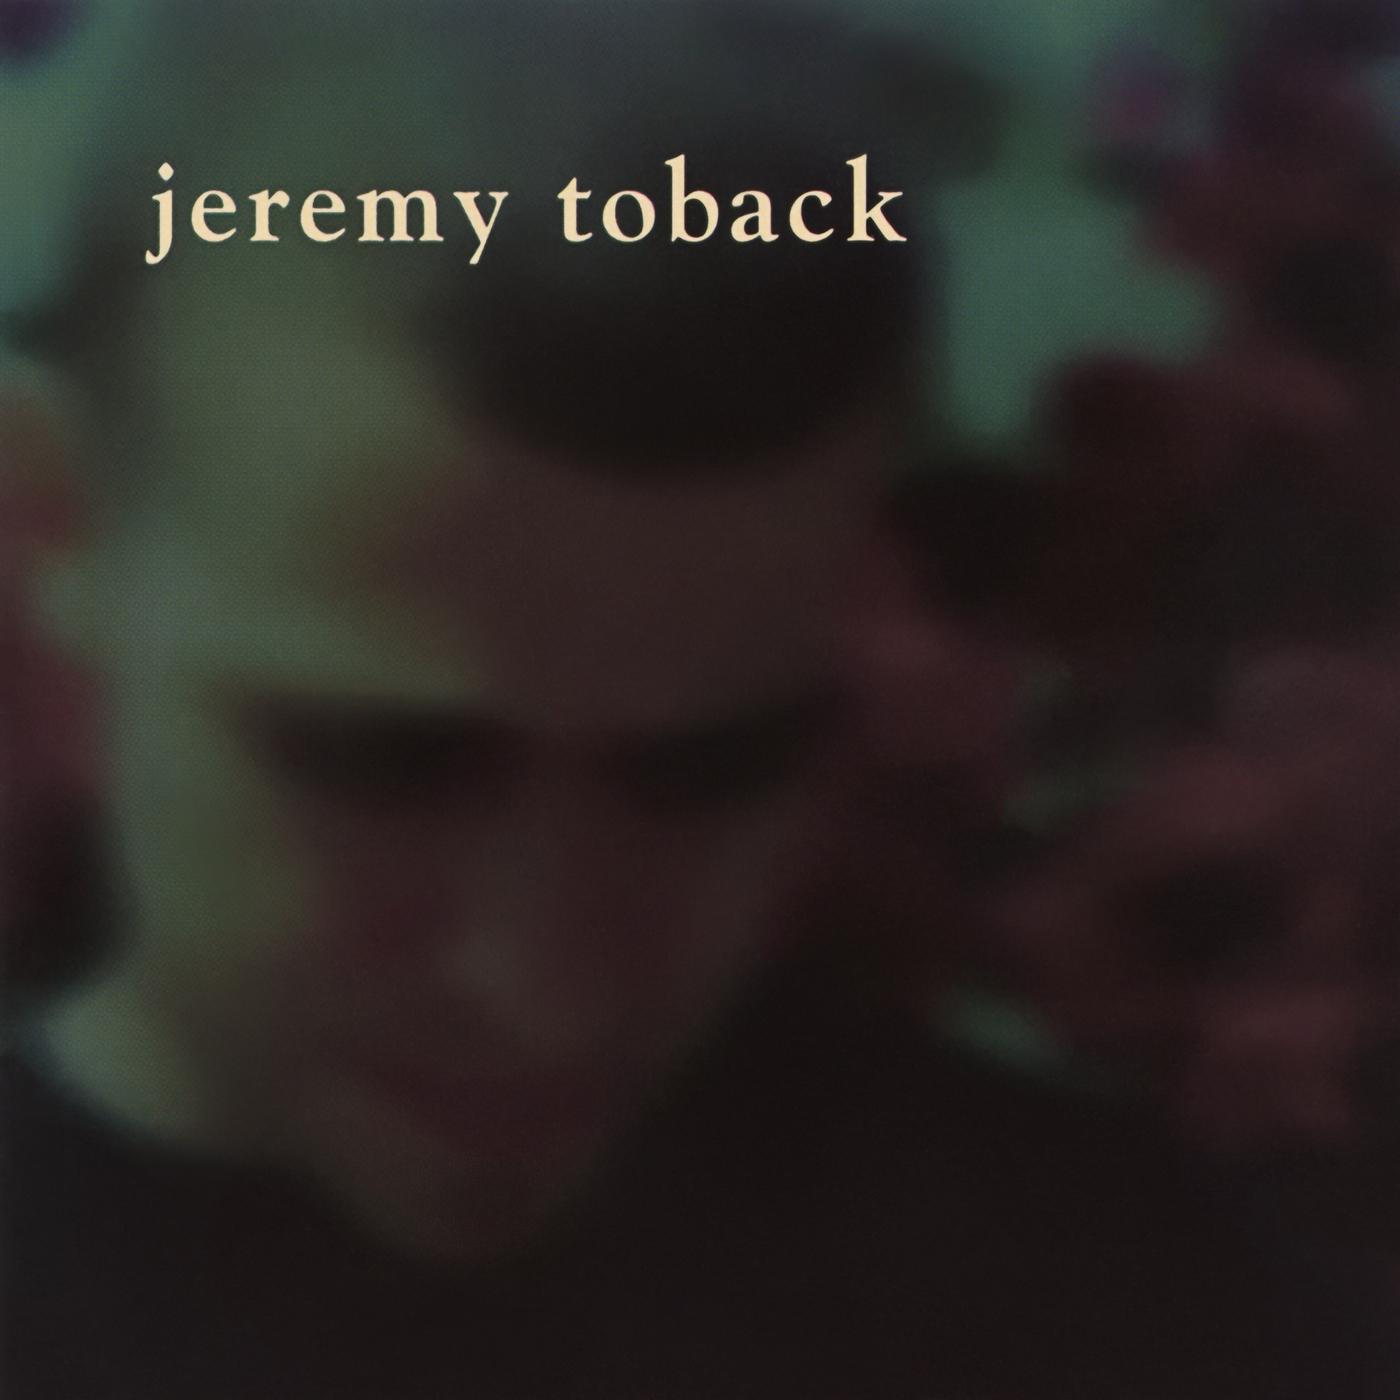 Jeremy Toback EP - Jeremy Toback